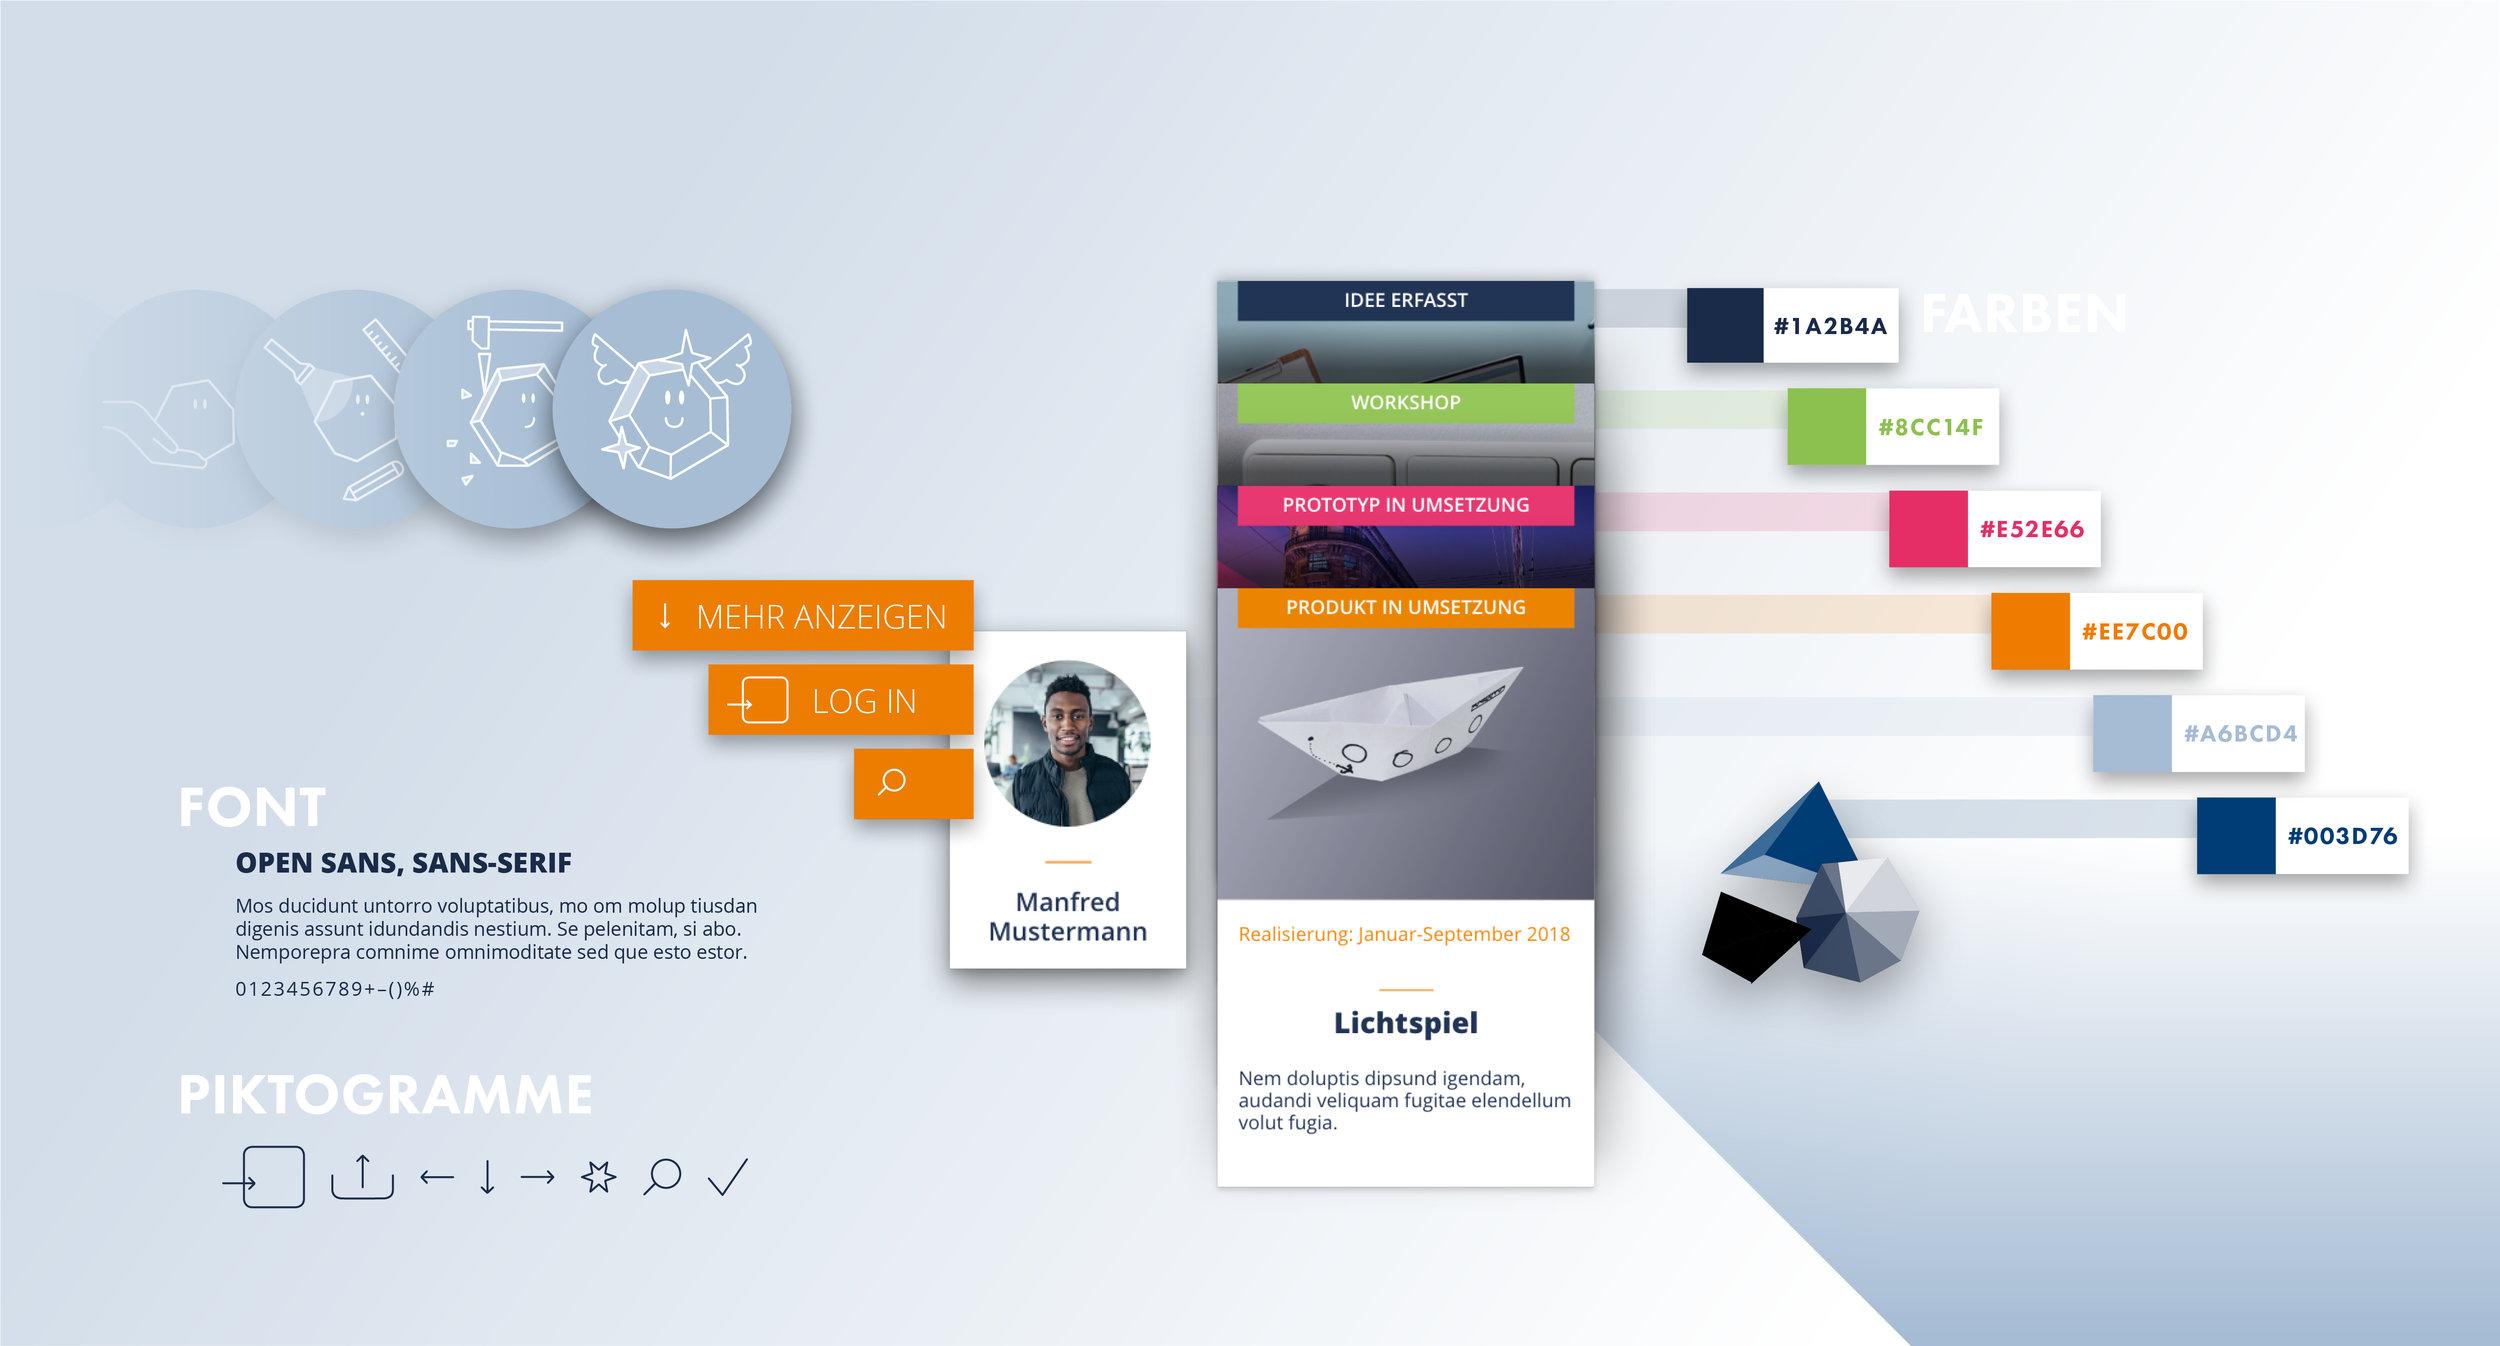 20180711_Regiocom_Innovationsportal_Portfolio4.jpg